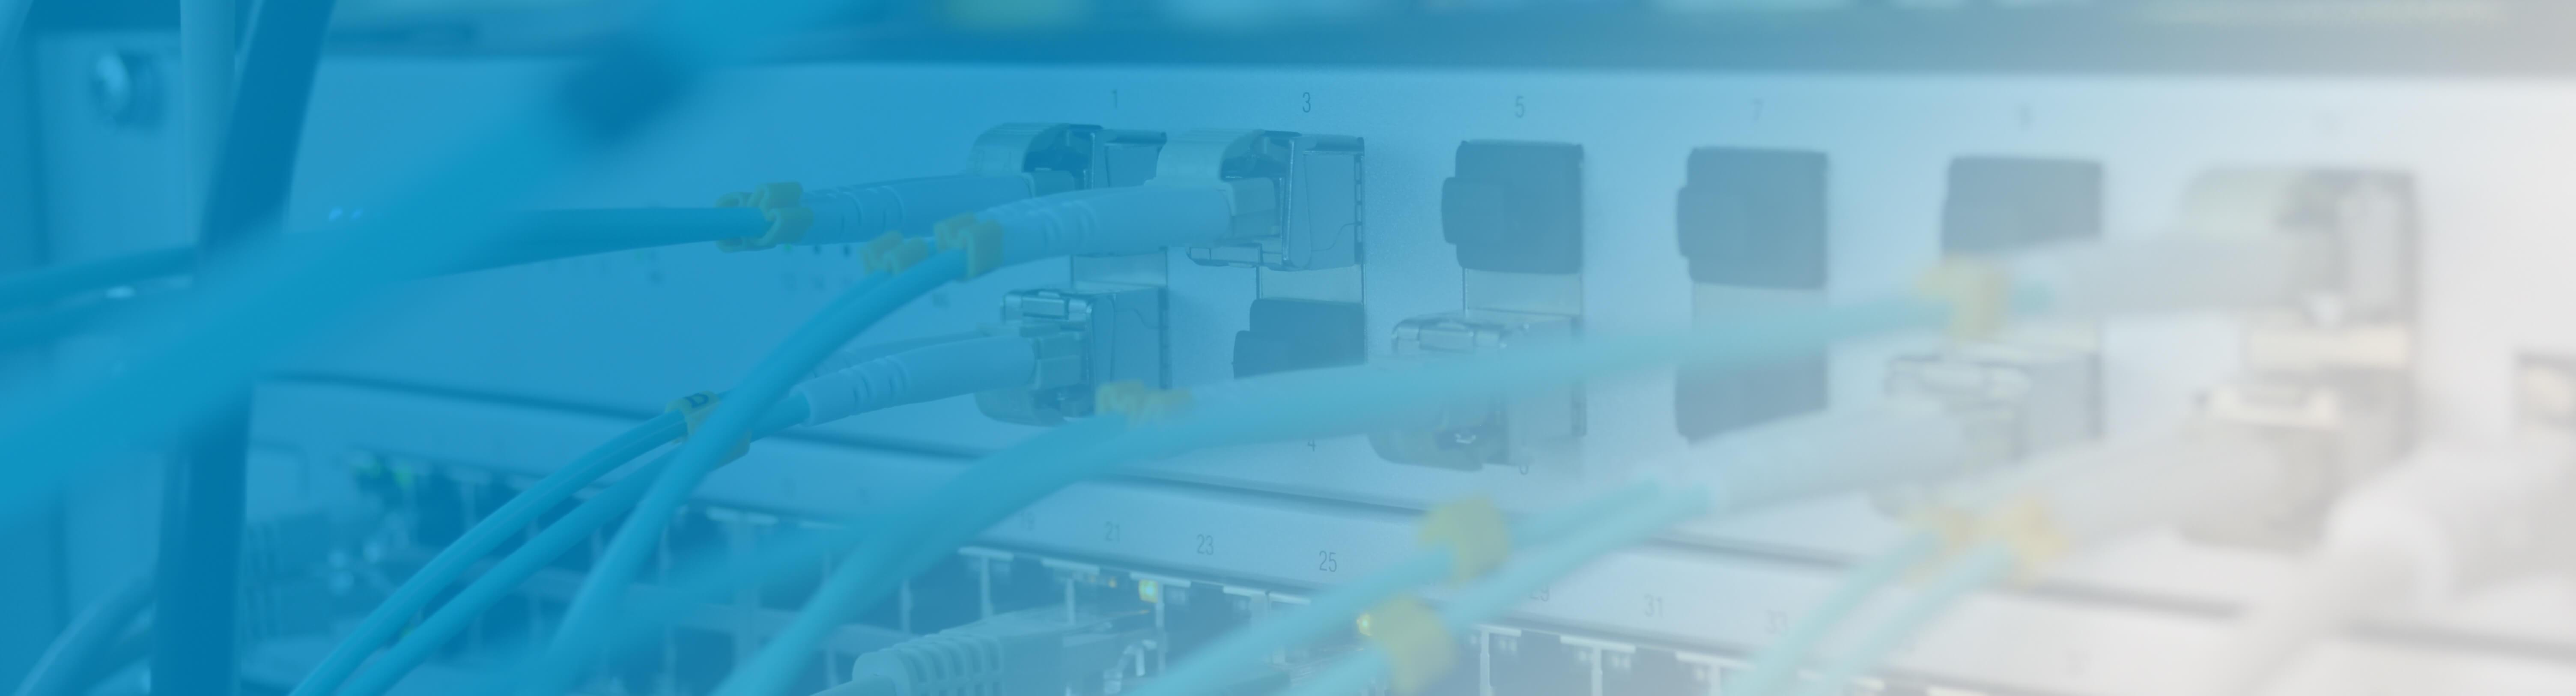 Wat zijn de verschillen tussen een netwerk switch en een router?